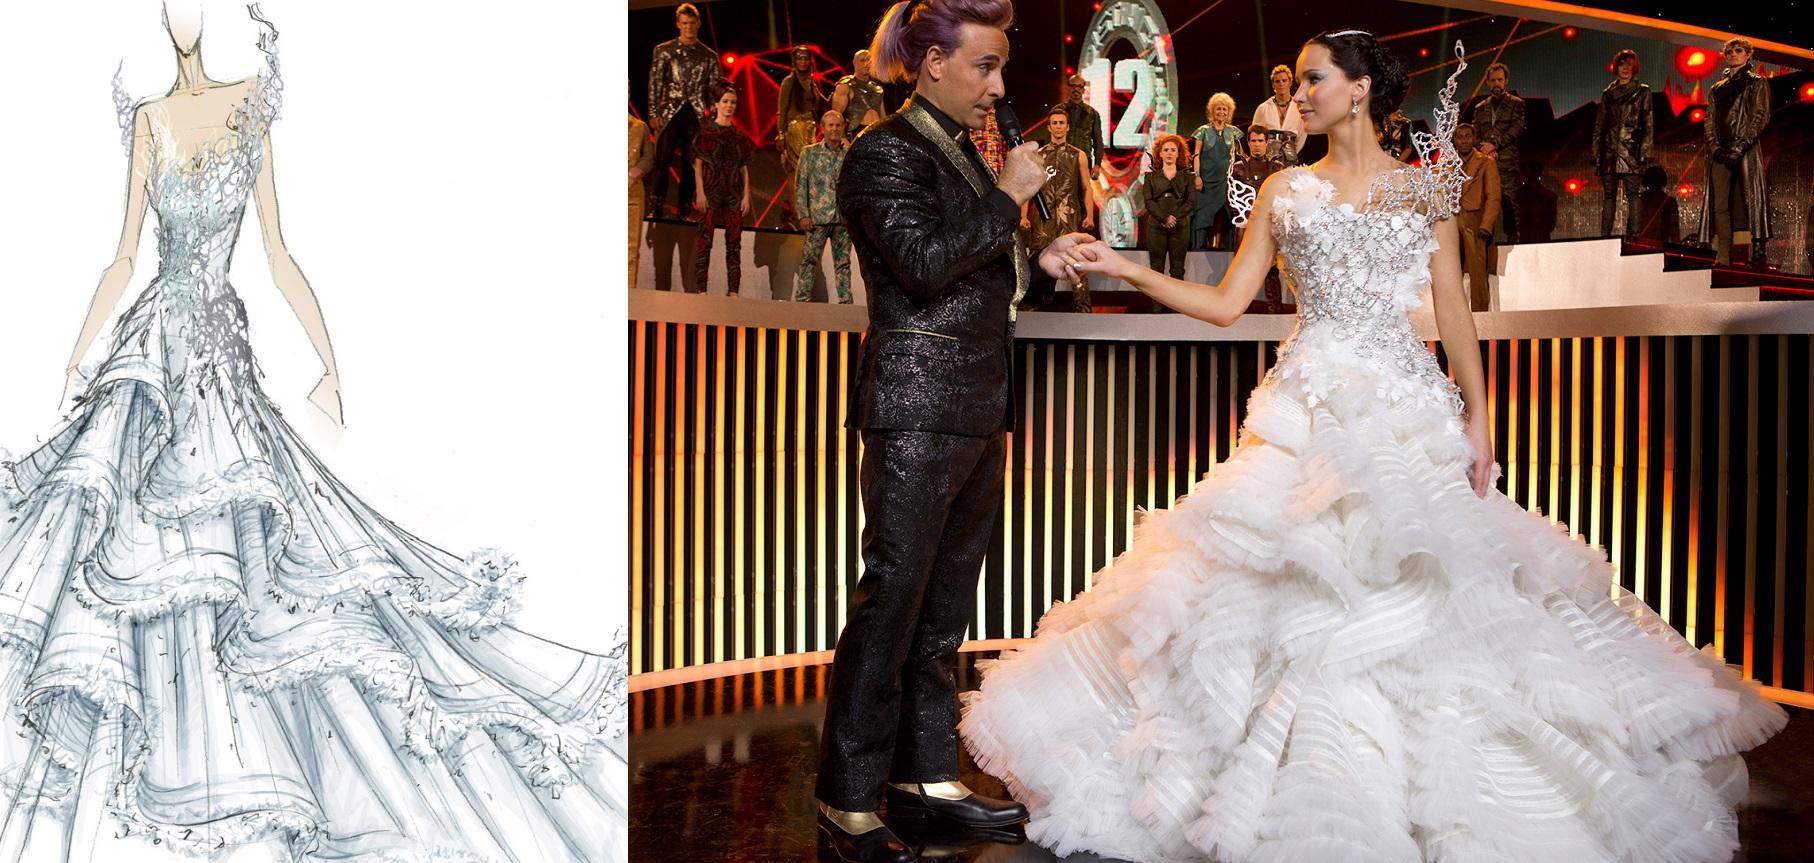 Croqui do vestido de casamento por Tex Saverio